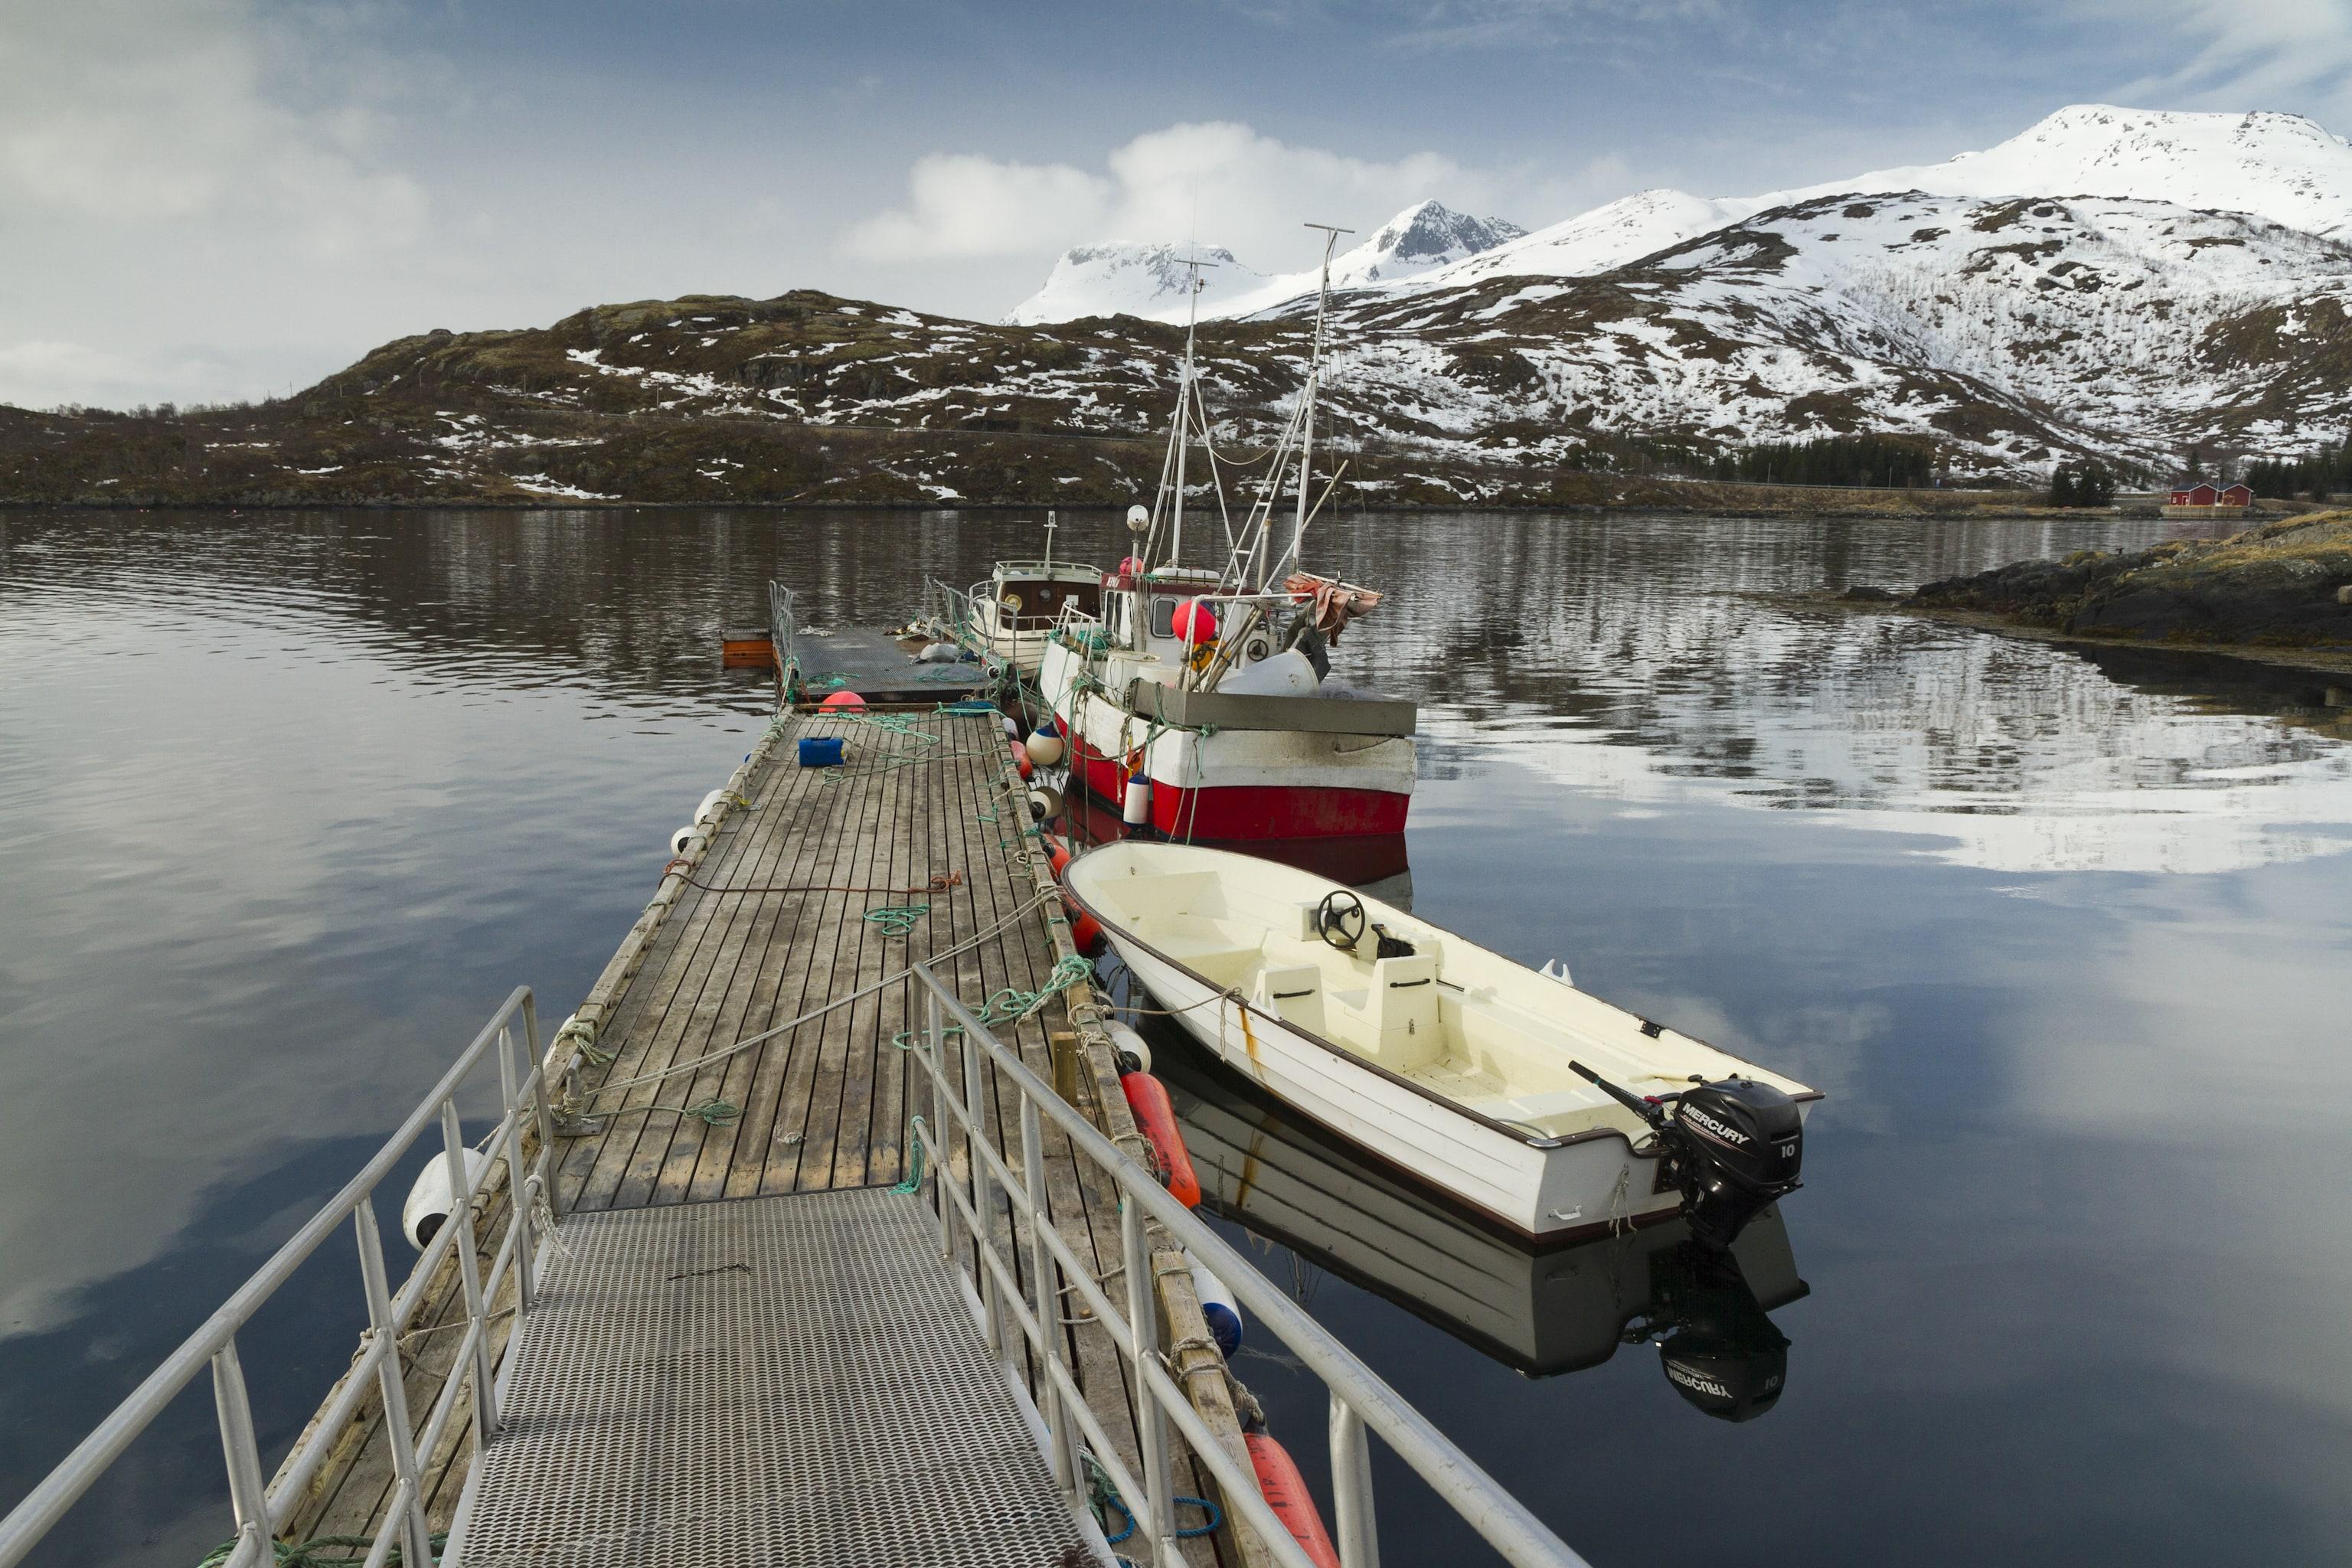 Jeżeli podróżujesz po norweskich wodach łodzią bądź pontonem, obowiązkowo zabierz ze sobą na pokład kamizelki ratunkowe.